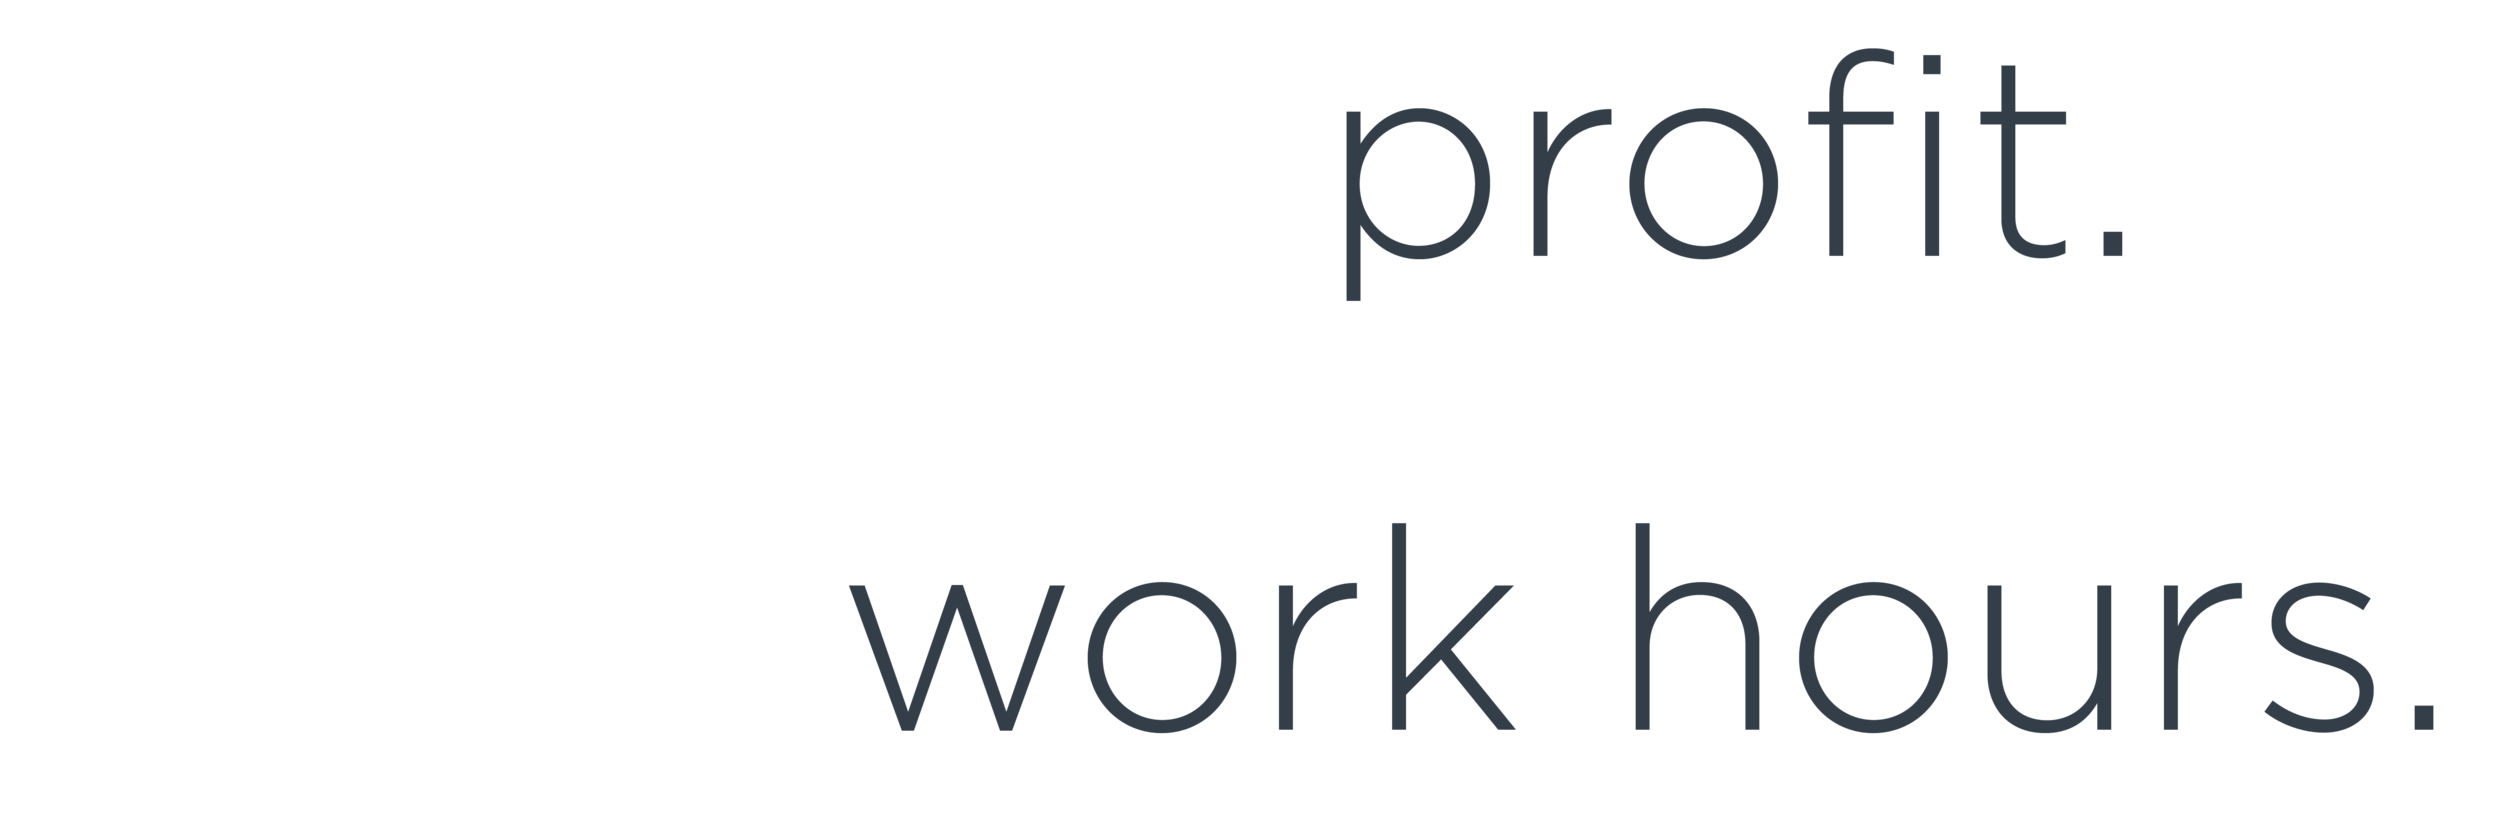 words-profit-01.png